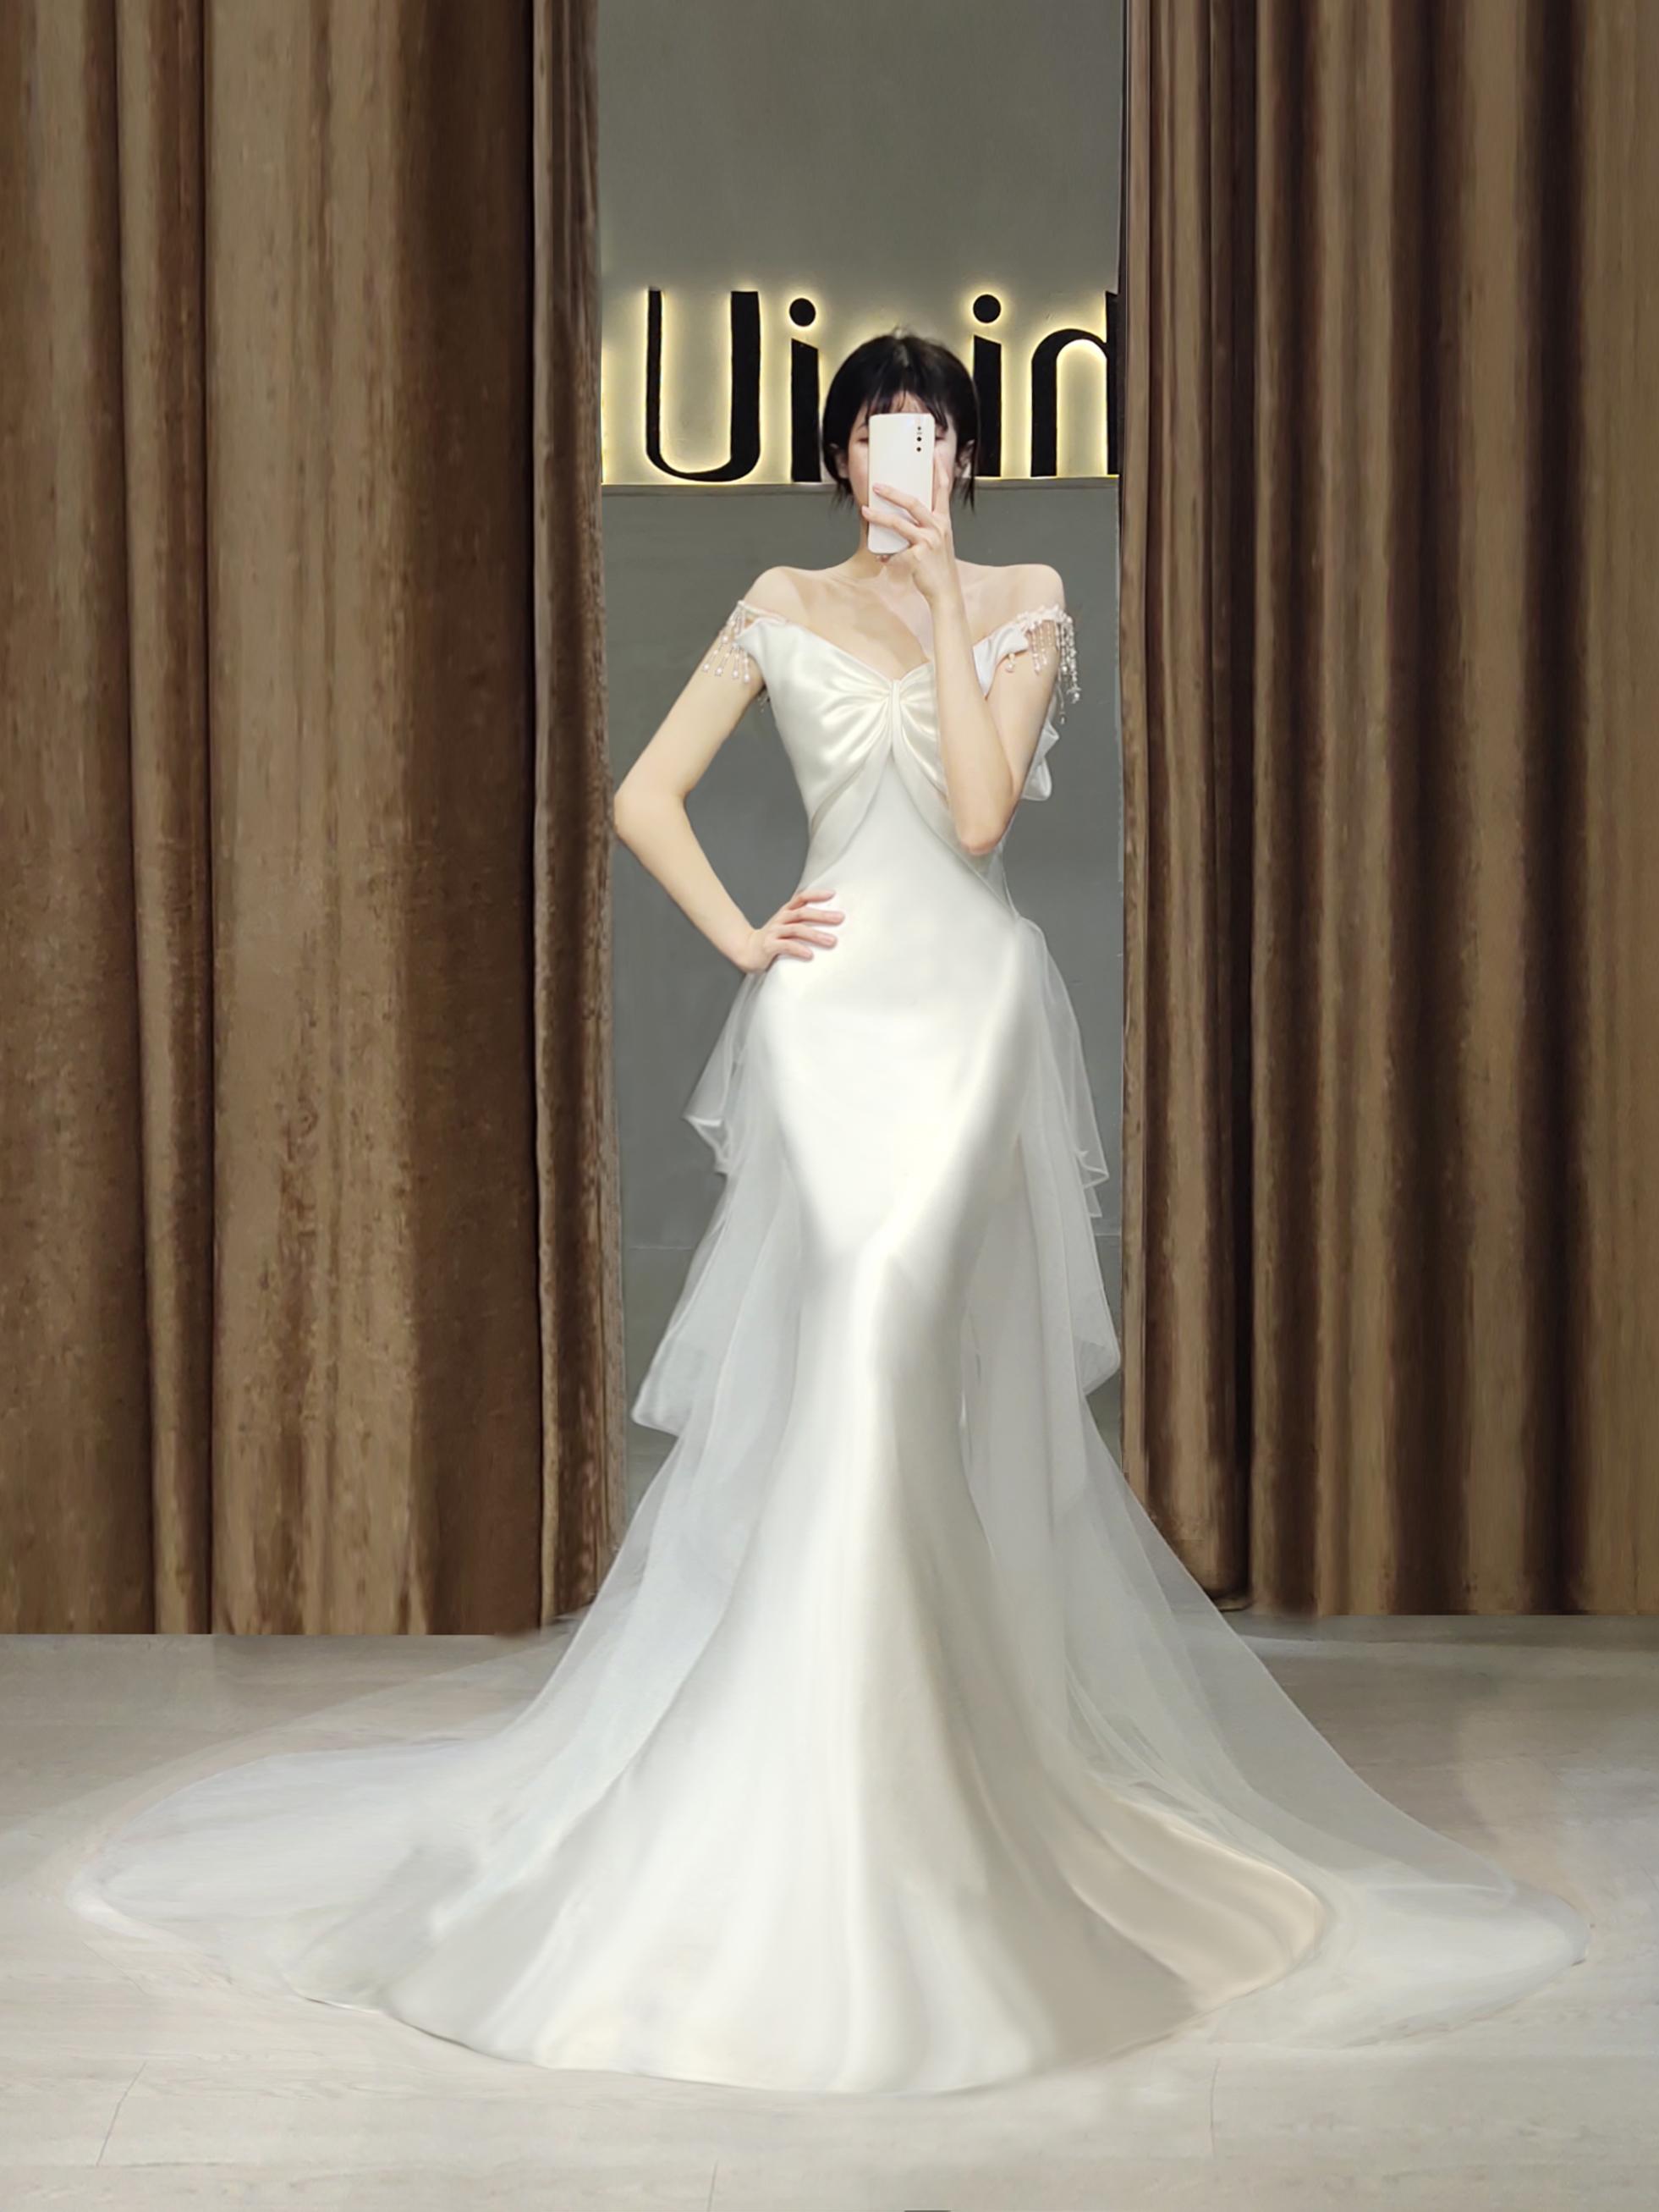 公主婚纱设计师_作品欣赏 - ShiniUni婚纱礼服高级定制设计 - 设计师品牌